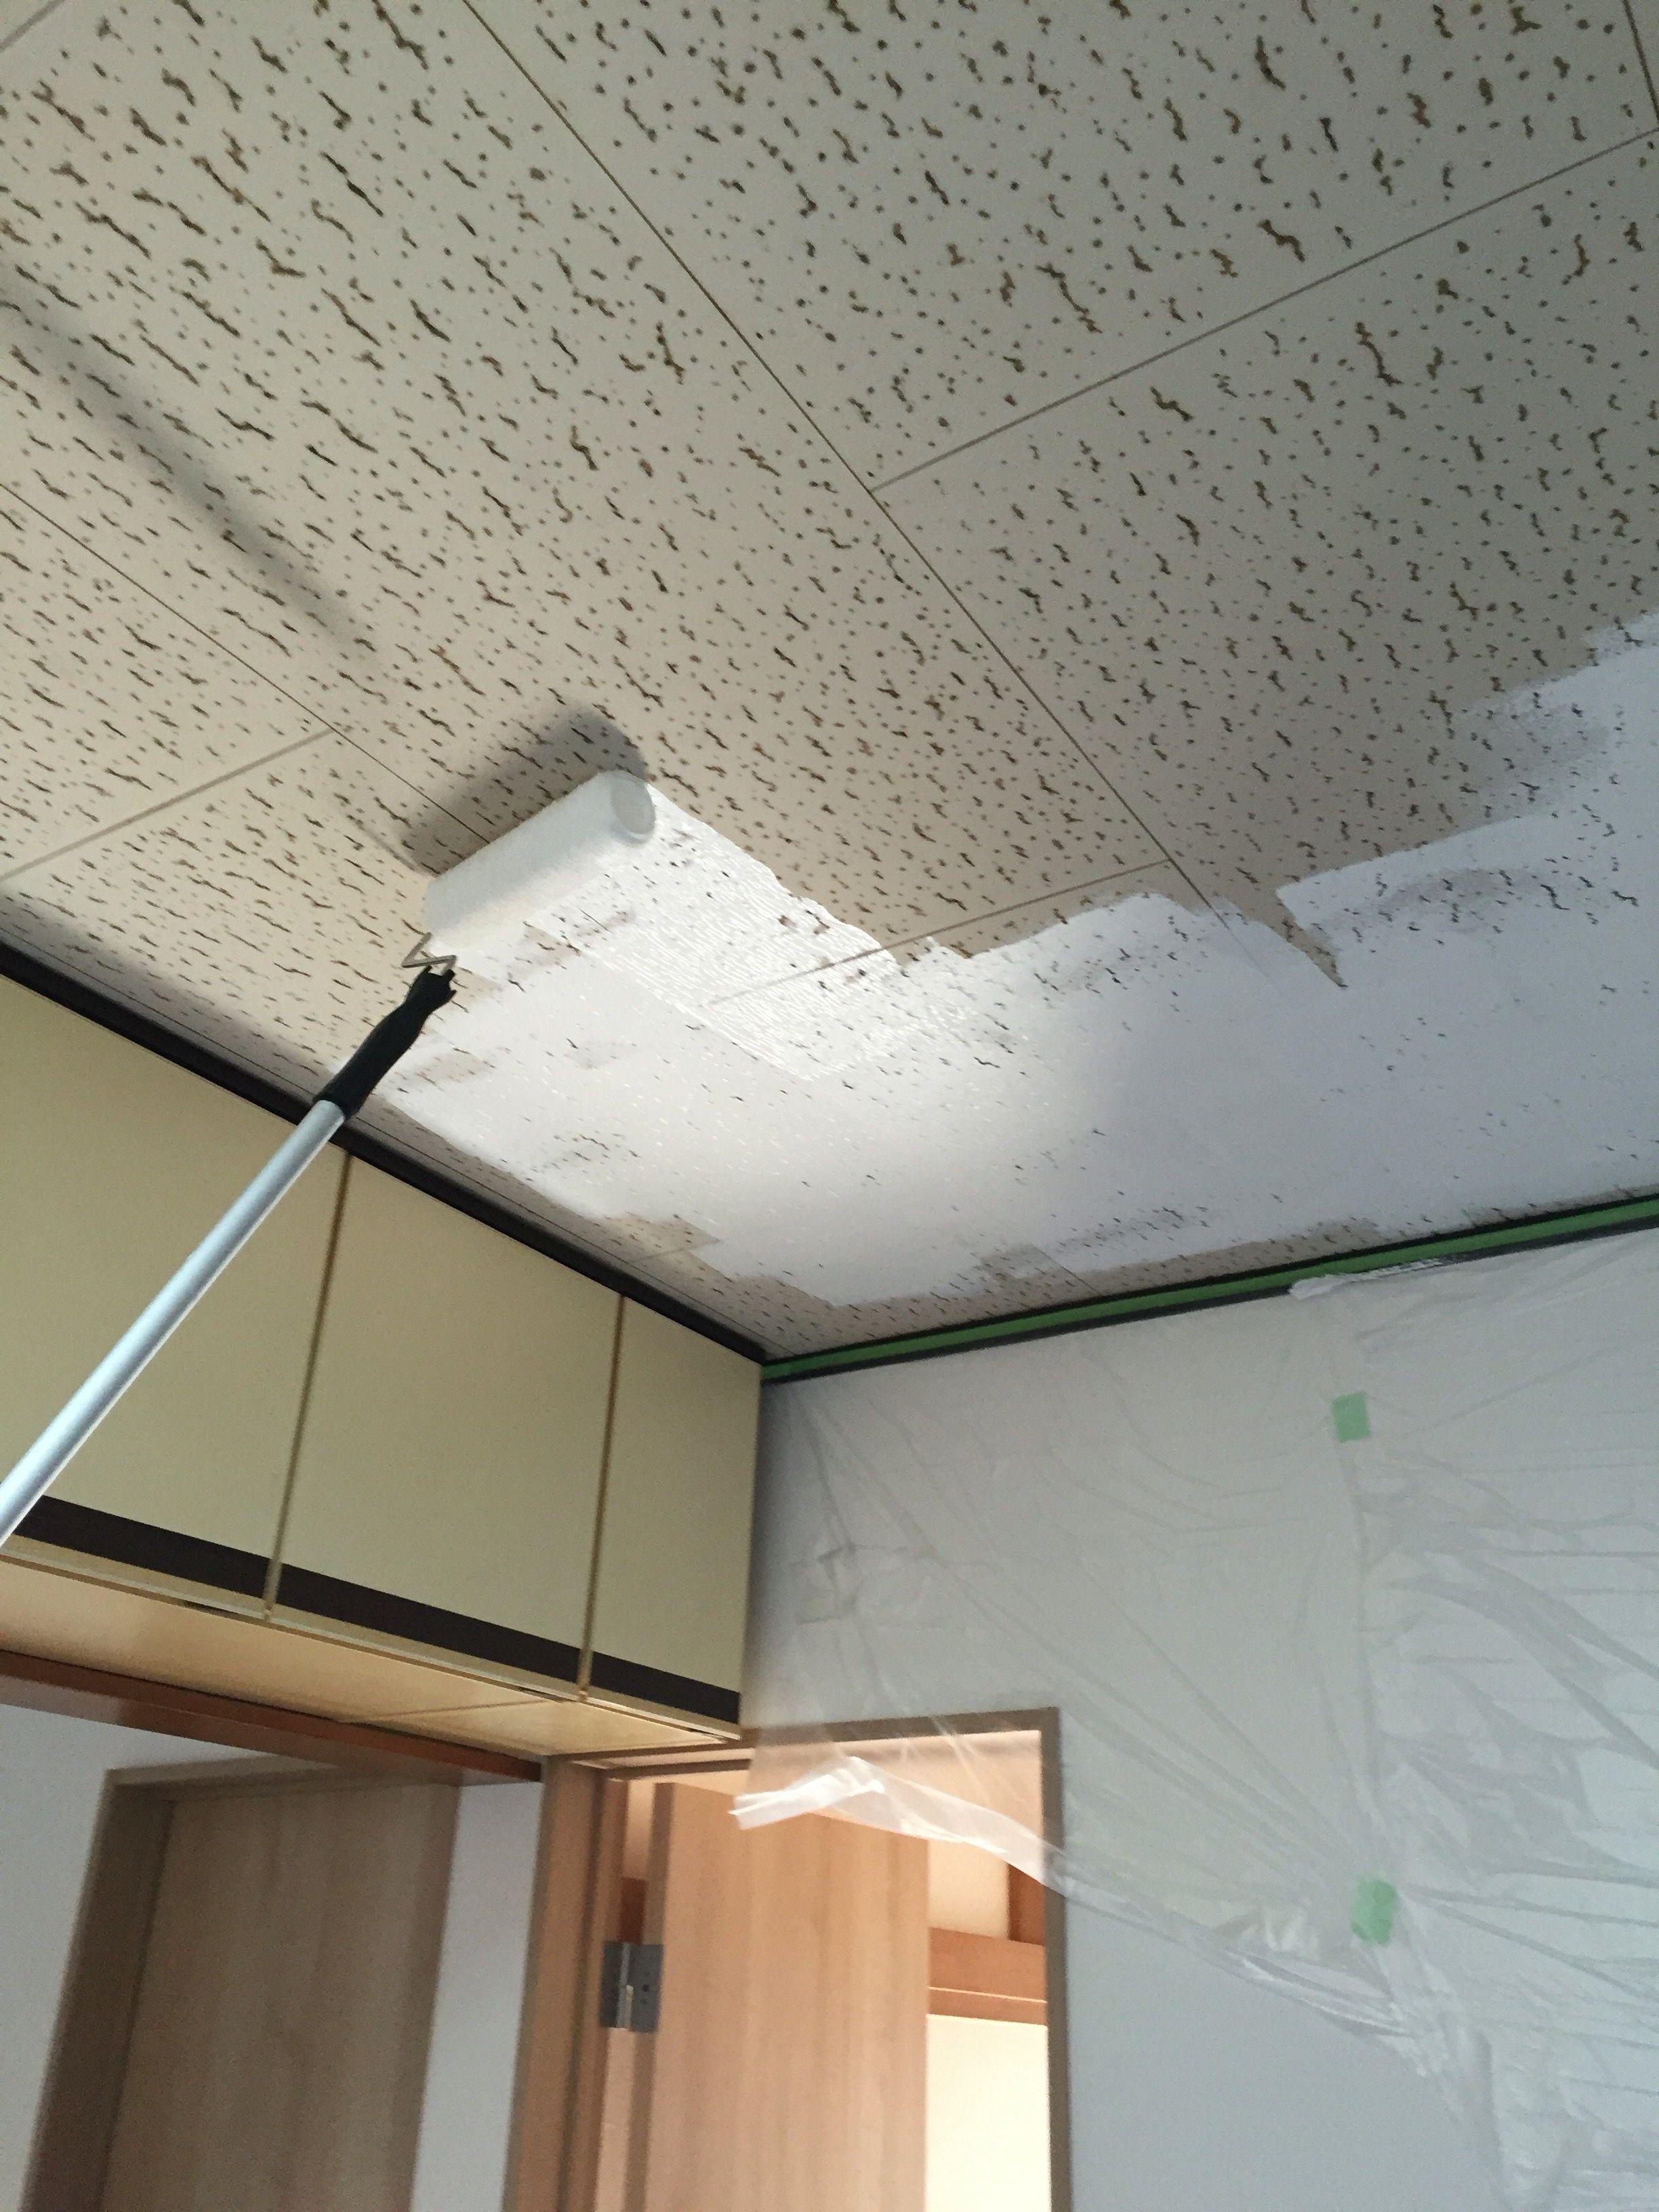 Diy ジプトーン天井を白ペンキで塗装してみた 方法と留意点まとめ 20